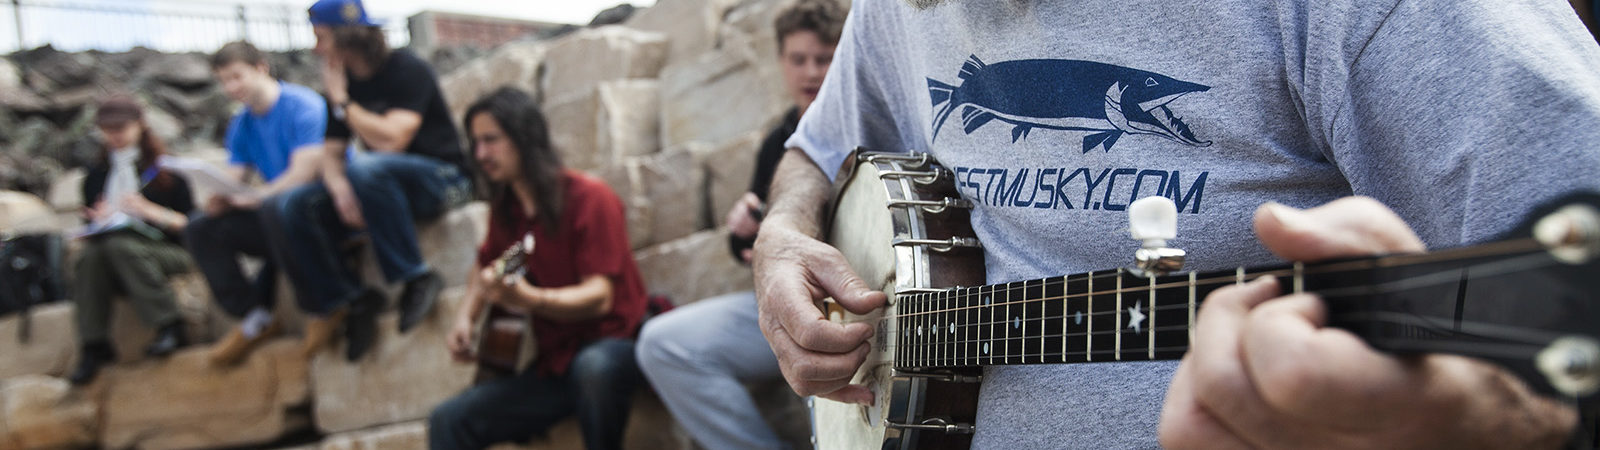 Joel Glickman strums his banjo